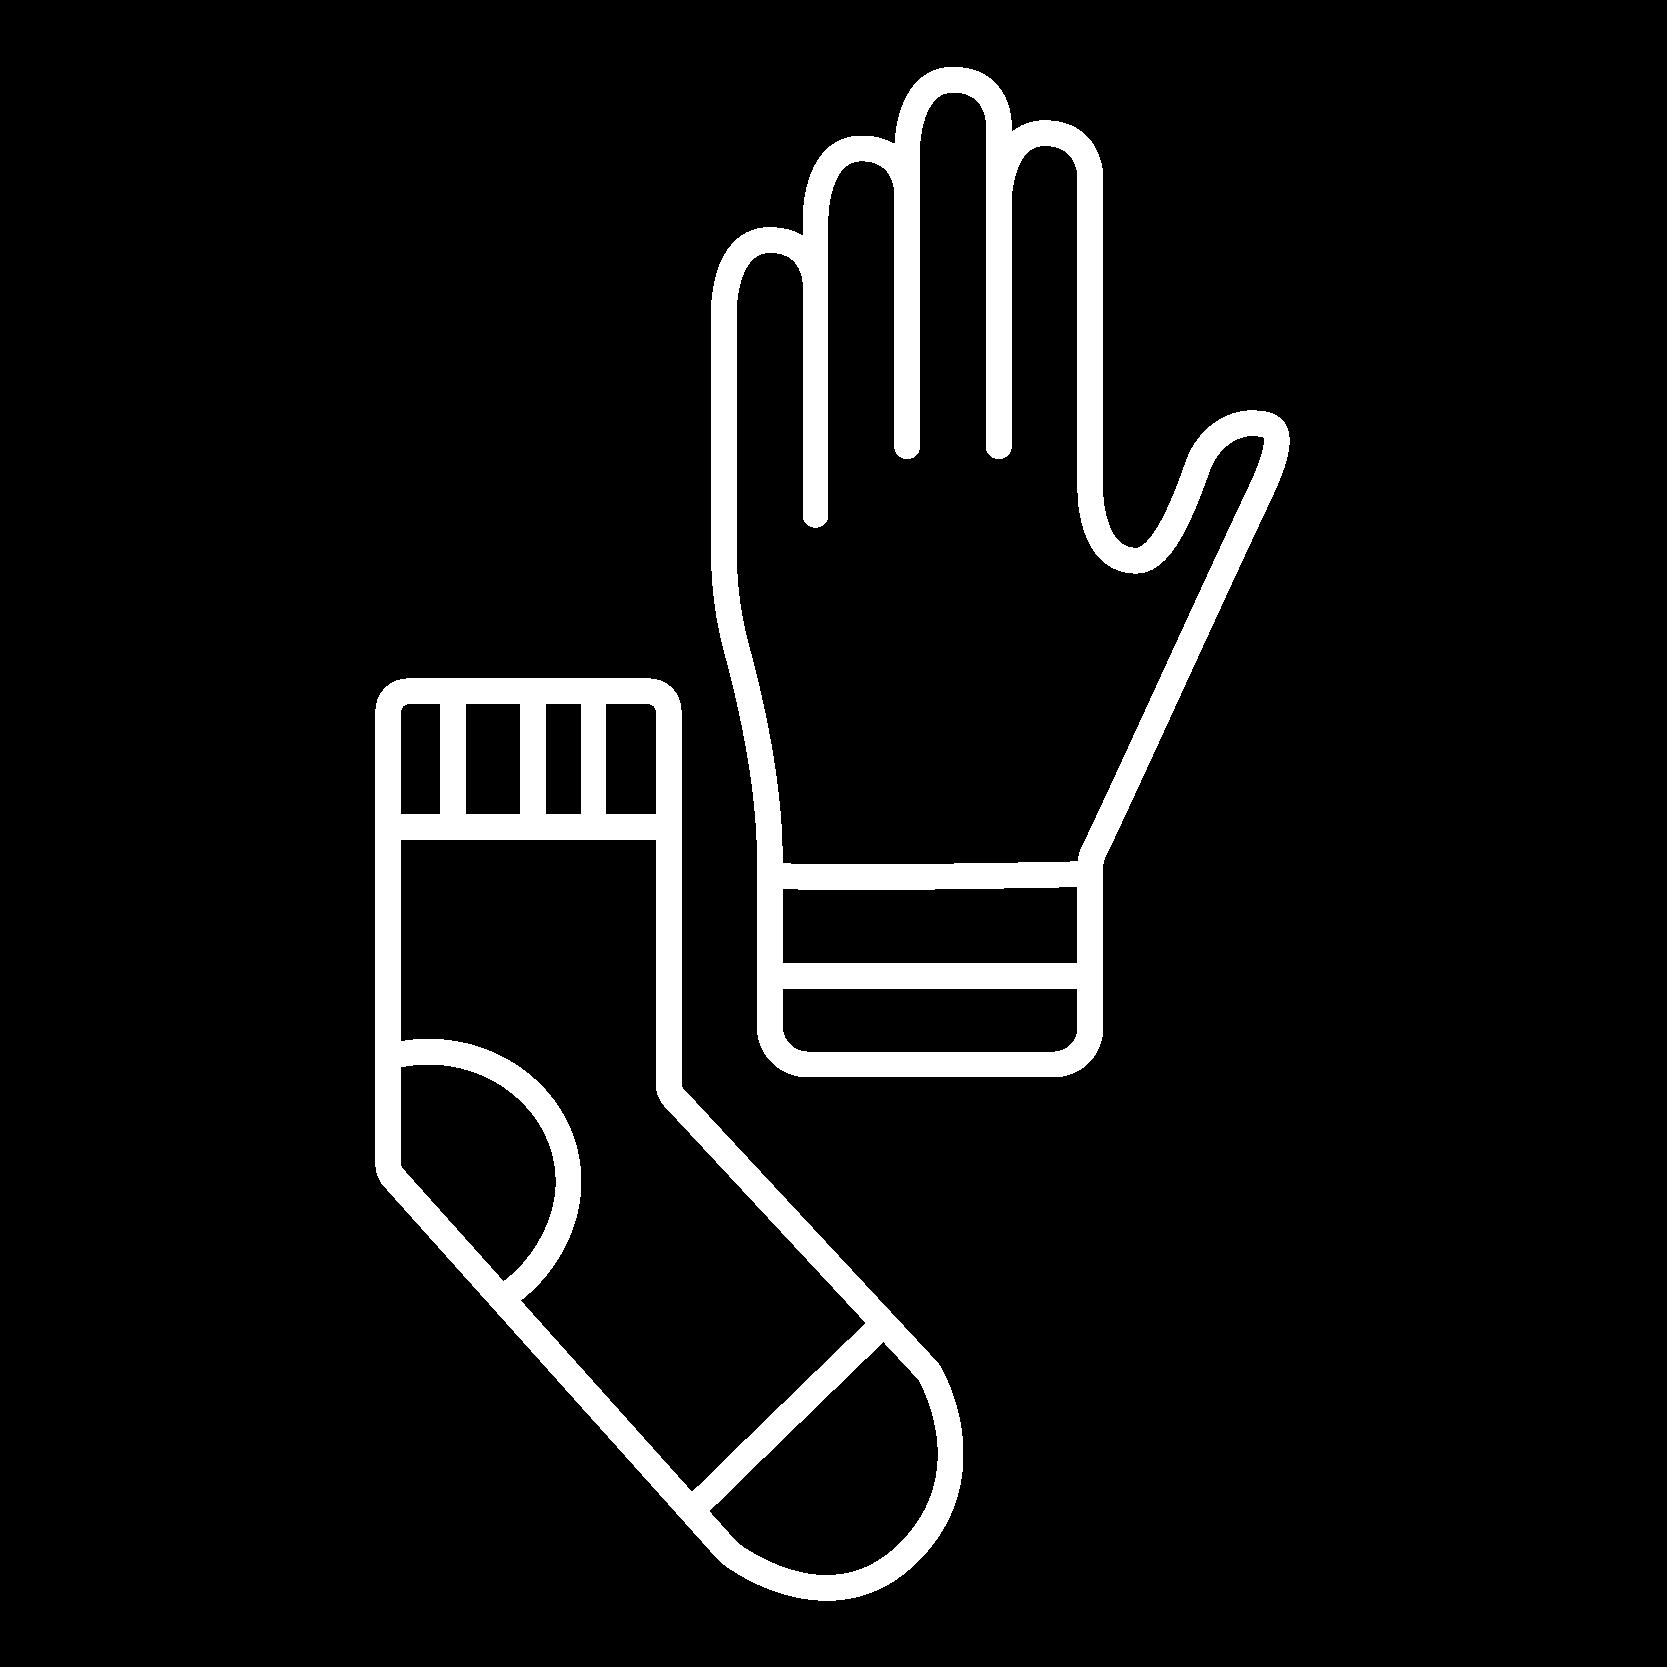 Accessoires icon